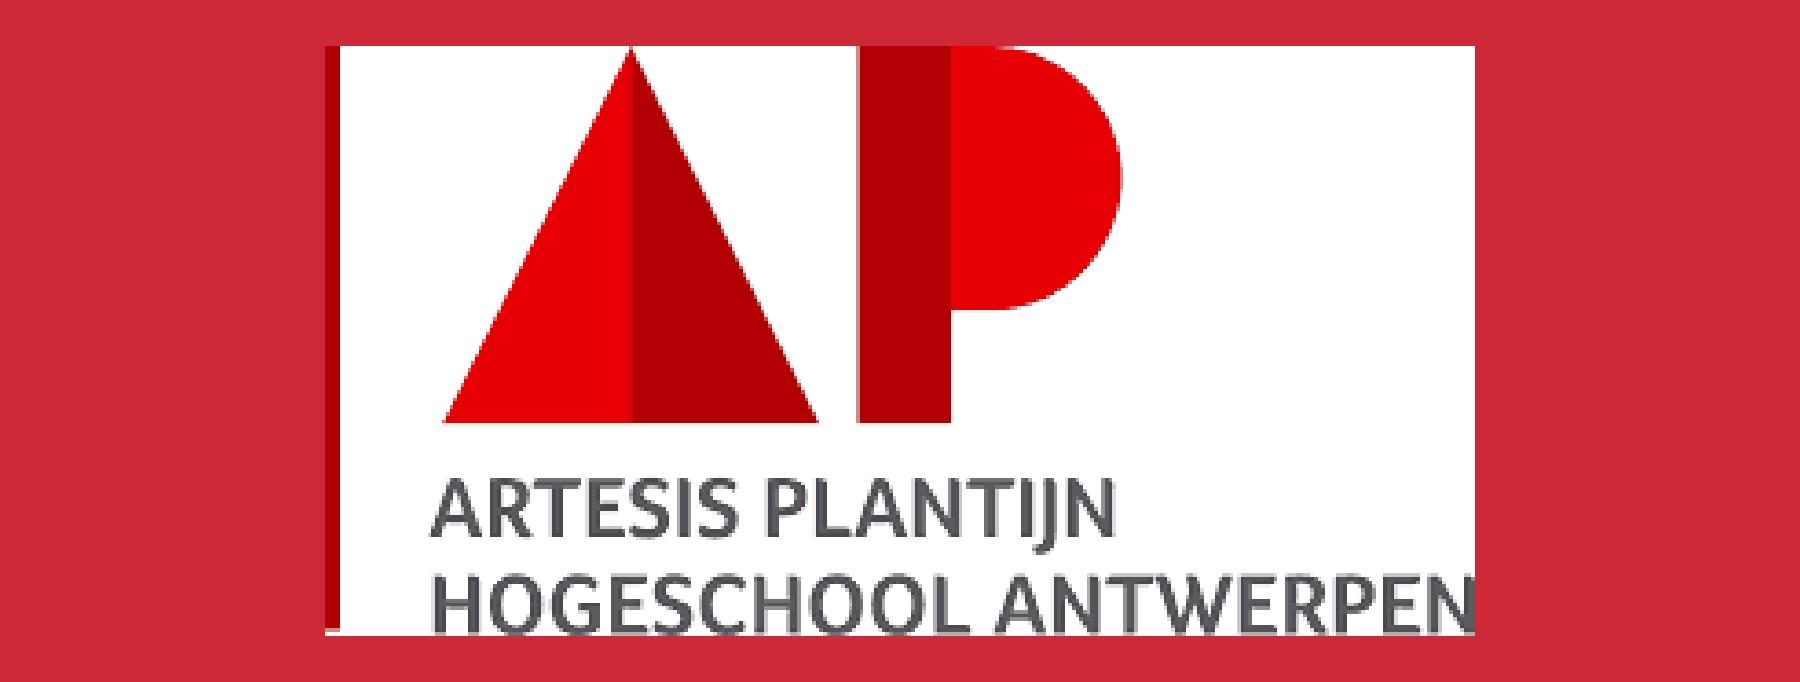 BEEGO werkt samen met artesis plantijn hogeschool antwerpen